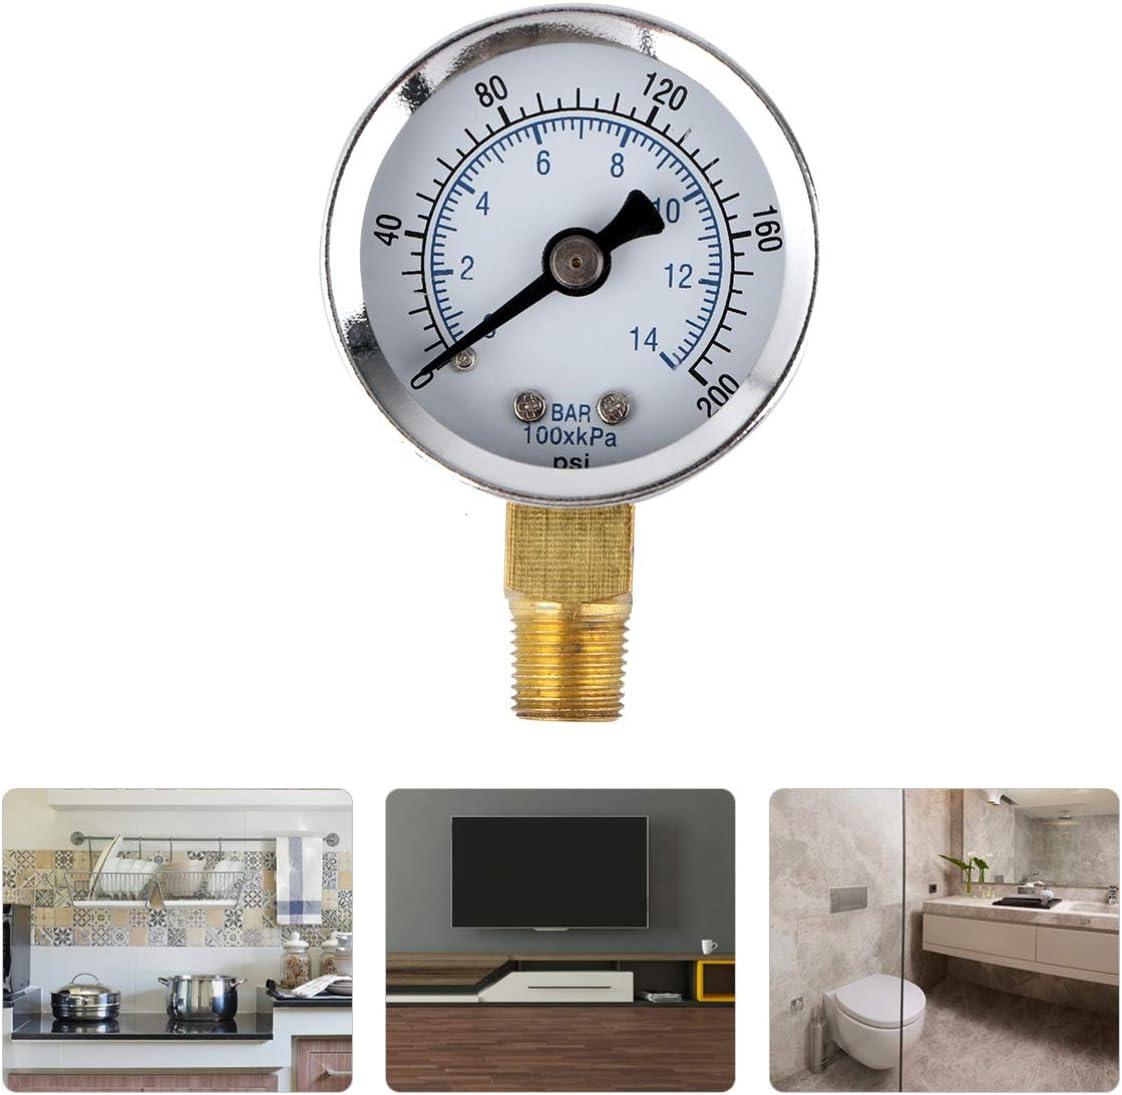 Hemobllo 0 60 Psi 0 4 Bar Npt Luftdruck Manometer Mit Seitlicher Montage Küche Haushalt